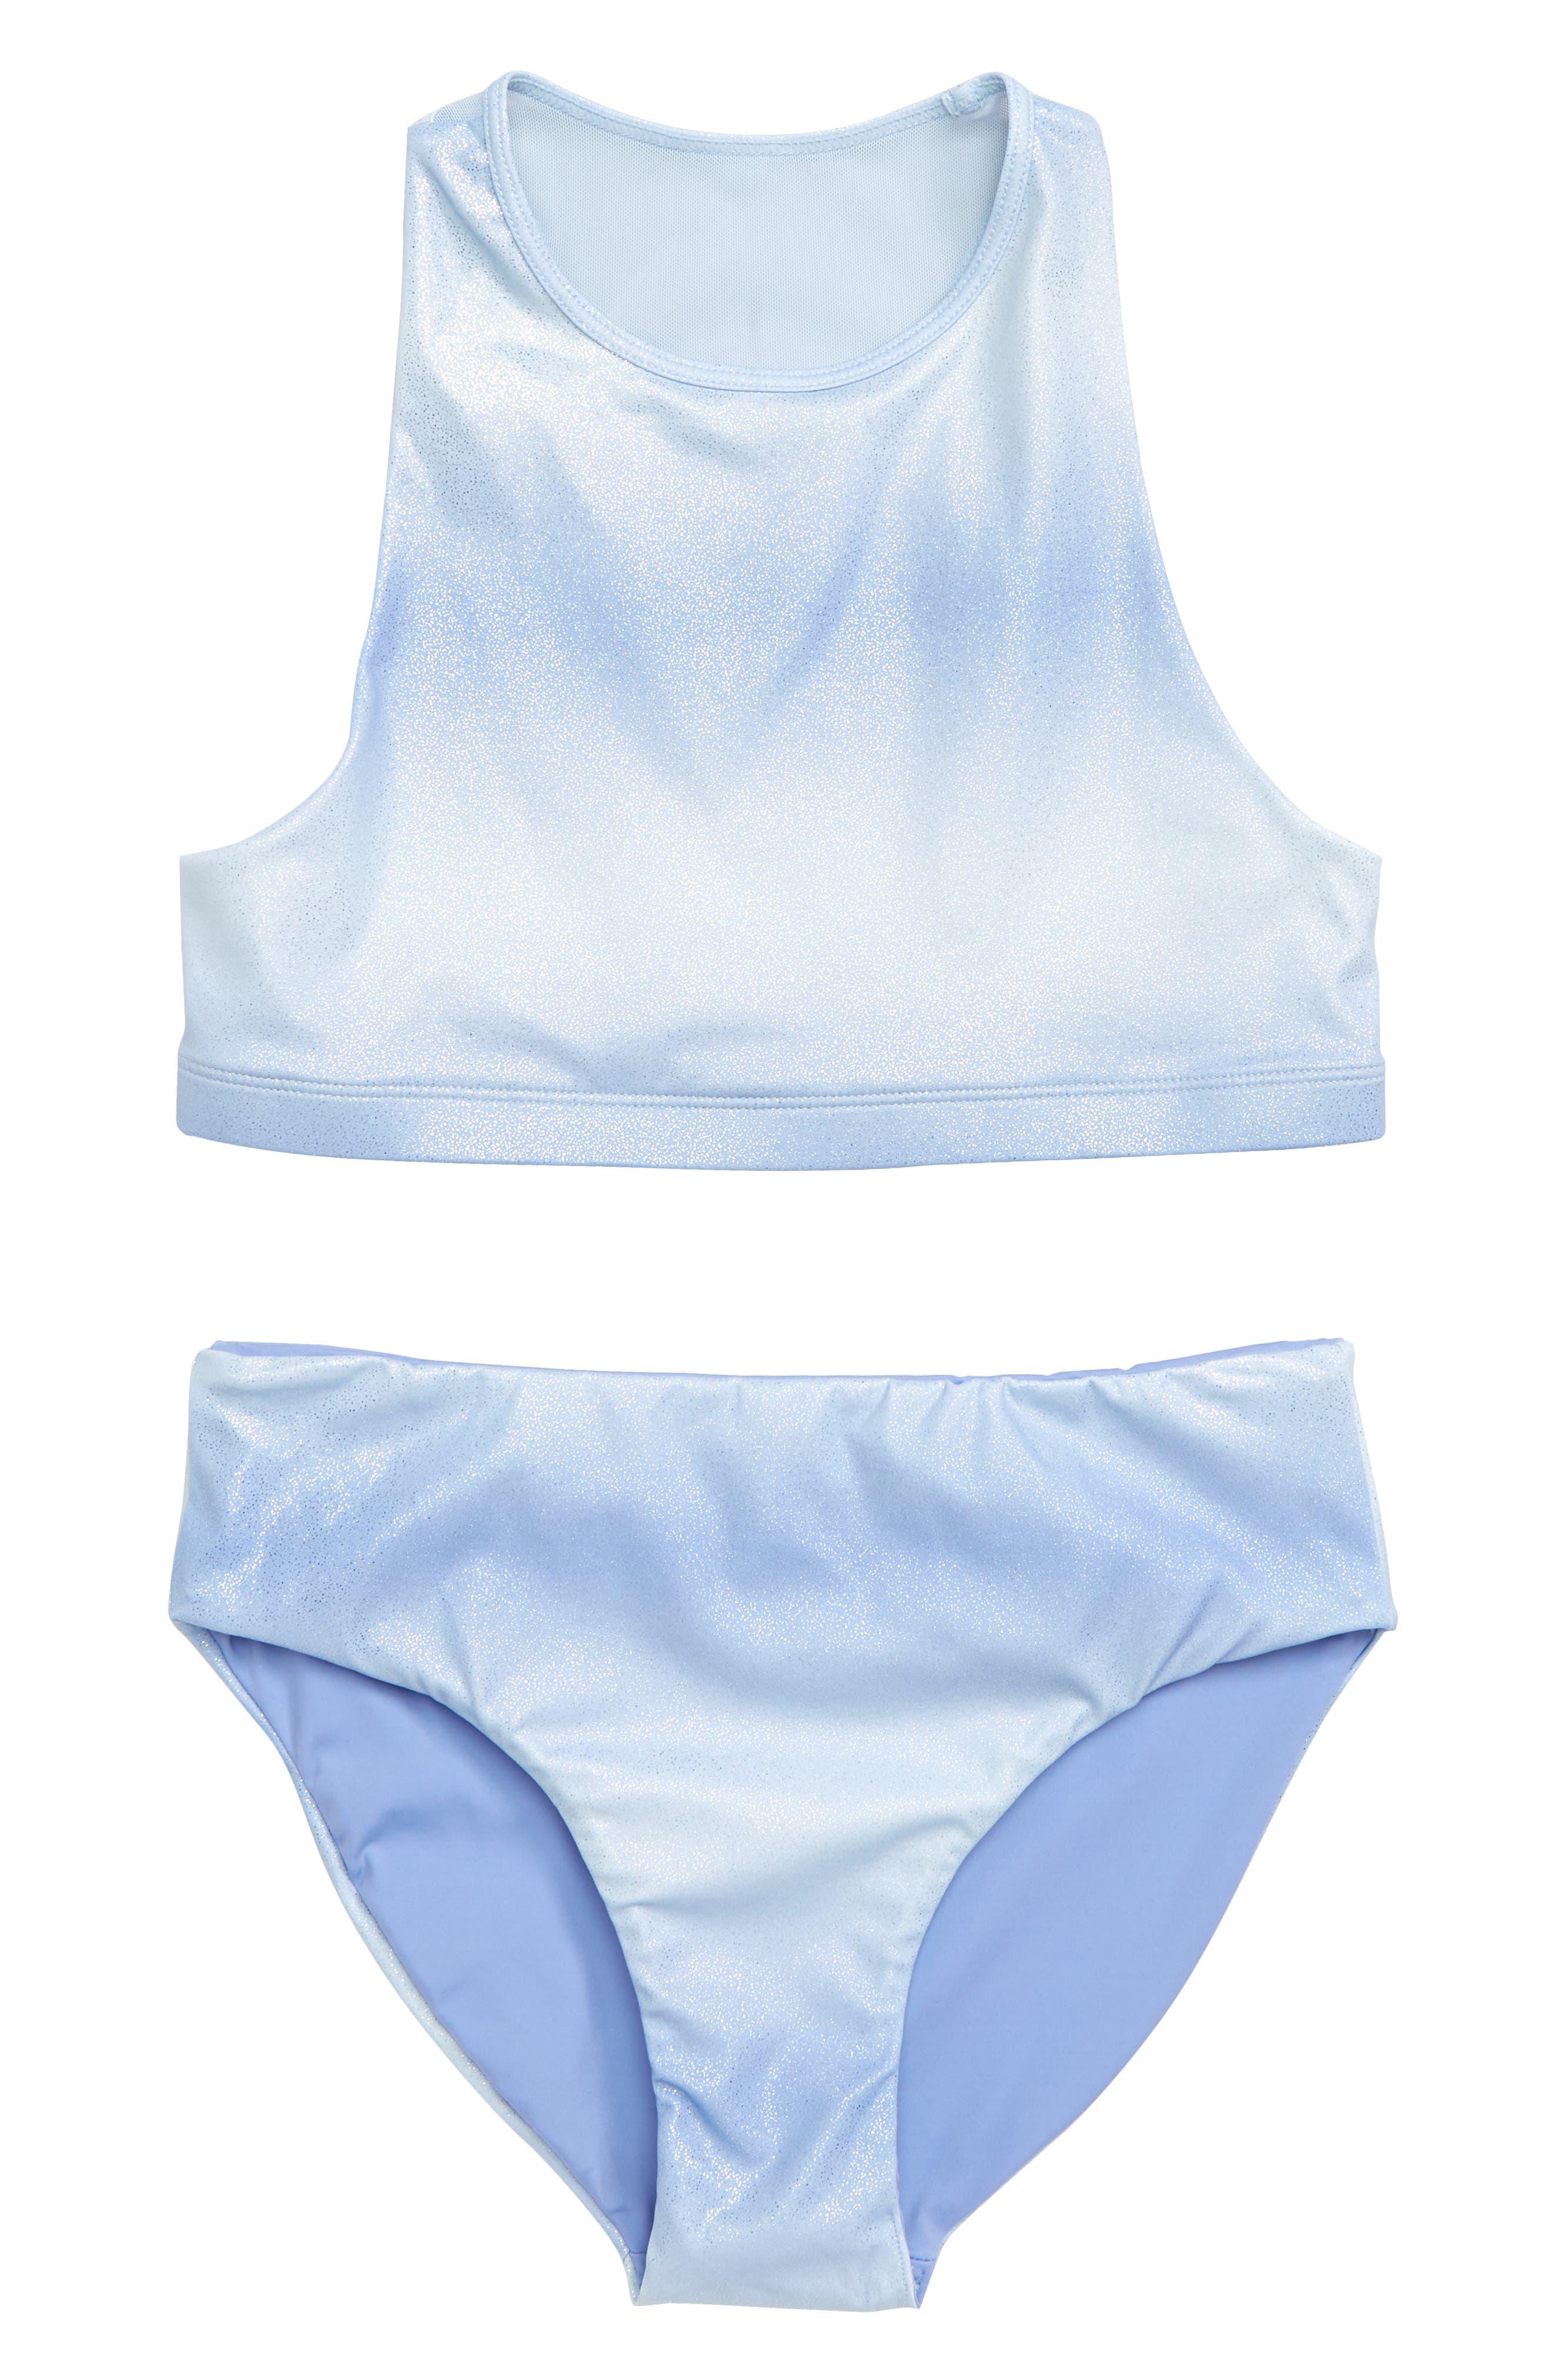 Two-Piece Racerback Swimsuit,                             Main thumbnail 1, color,                             BLUE HAZE OMBRE